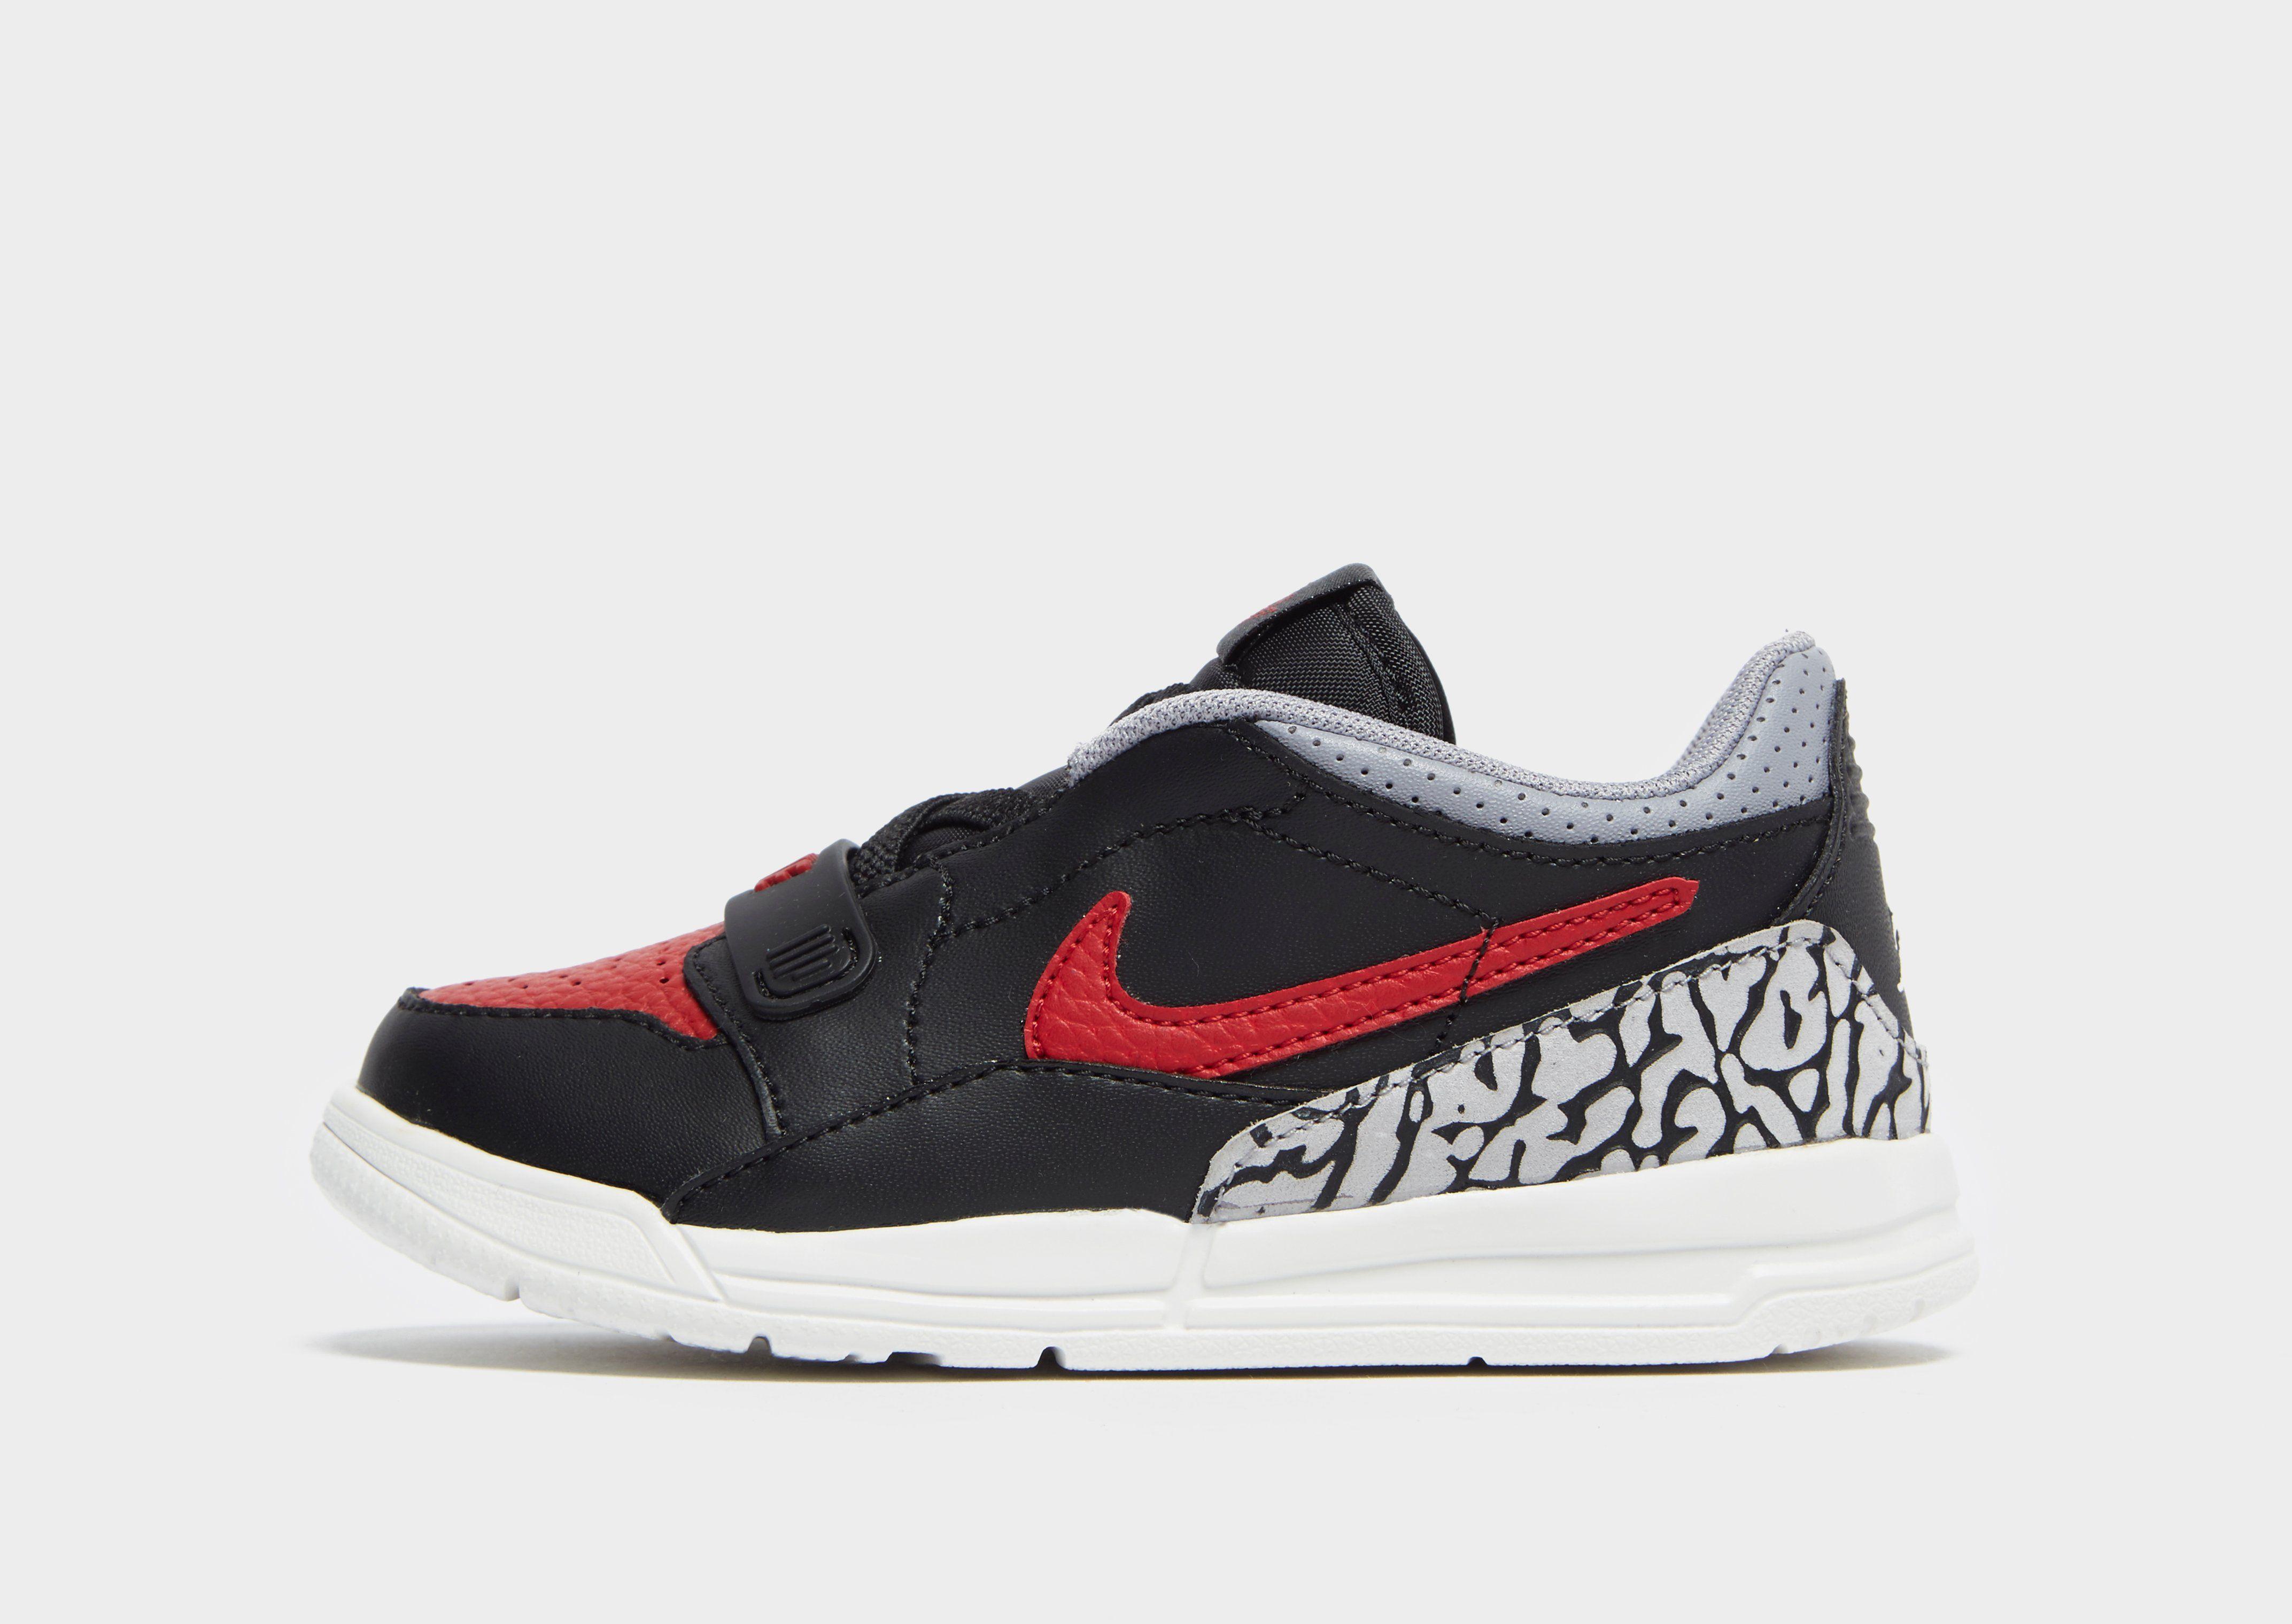 5ced9826a369 NIKE Air Jordan Legacy 312 Low Baby Toddler Shoe